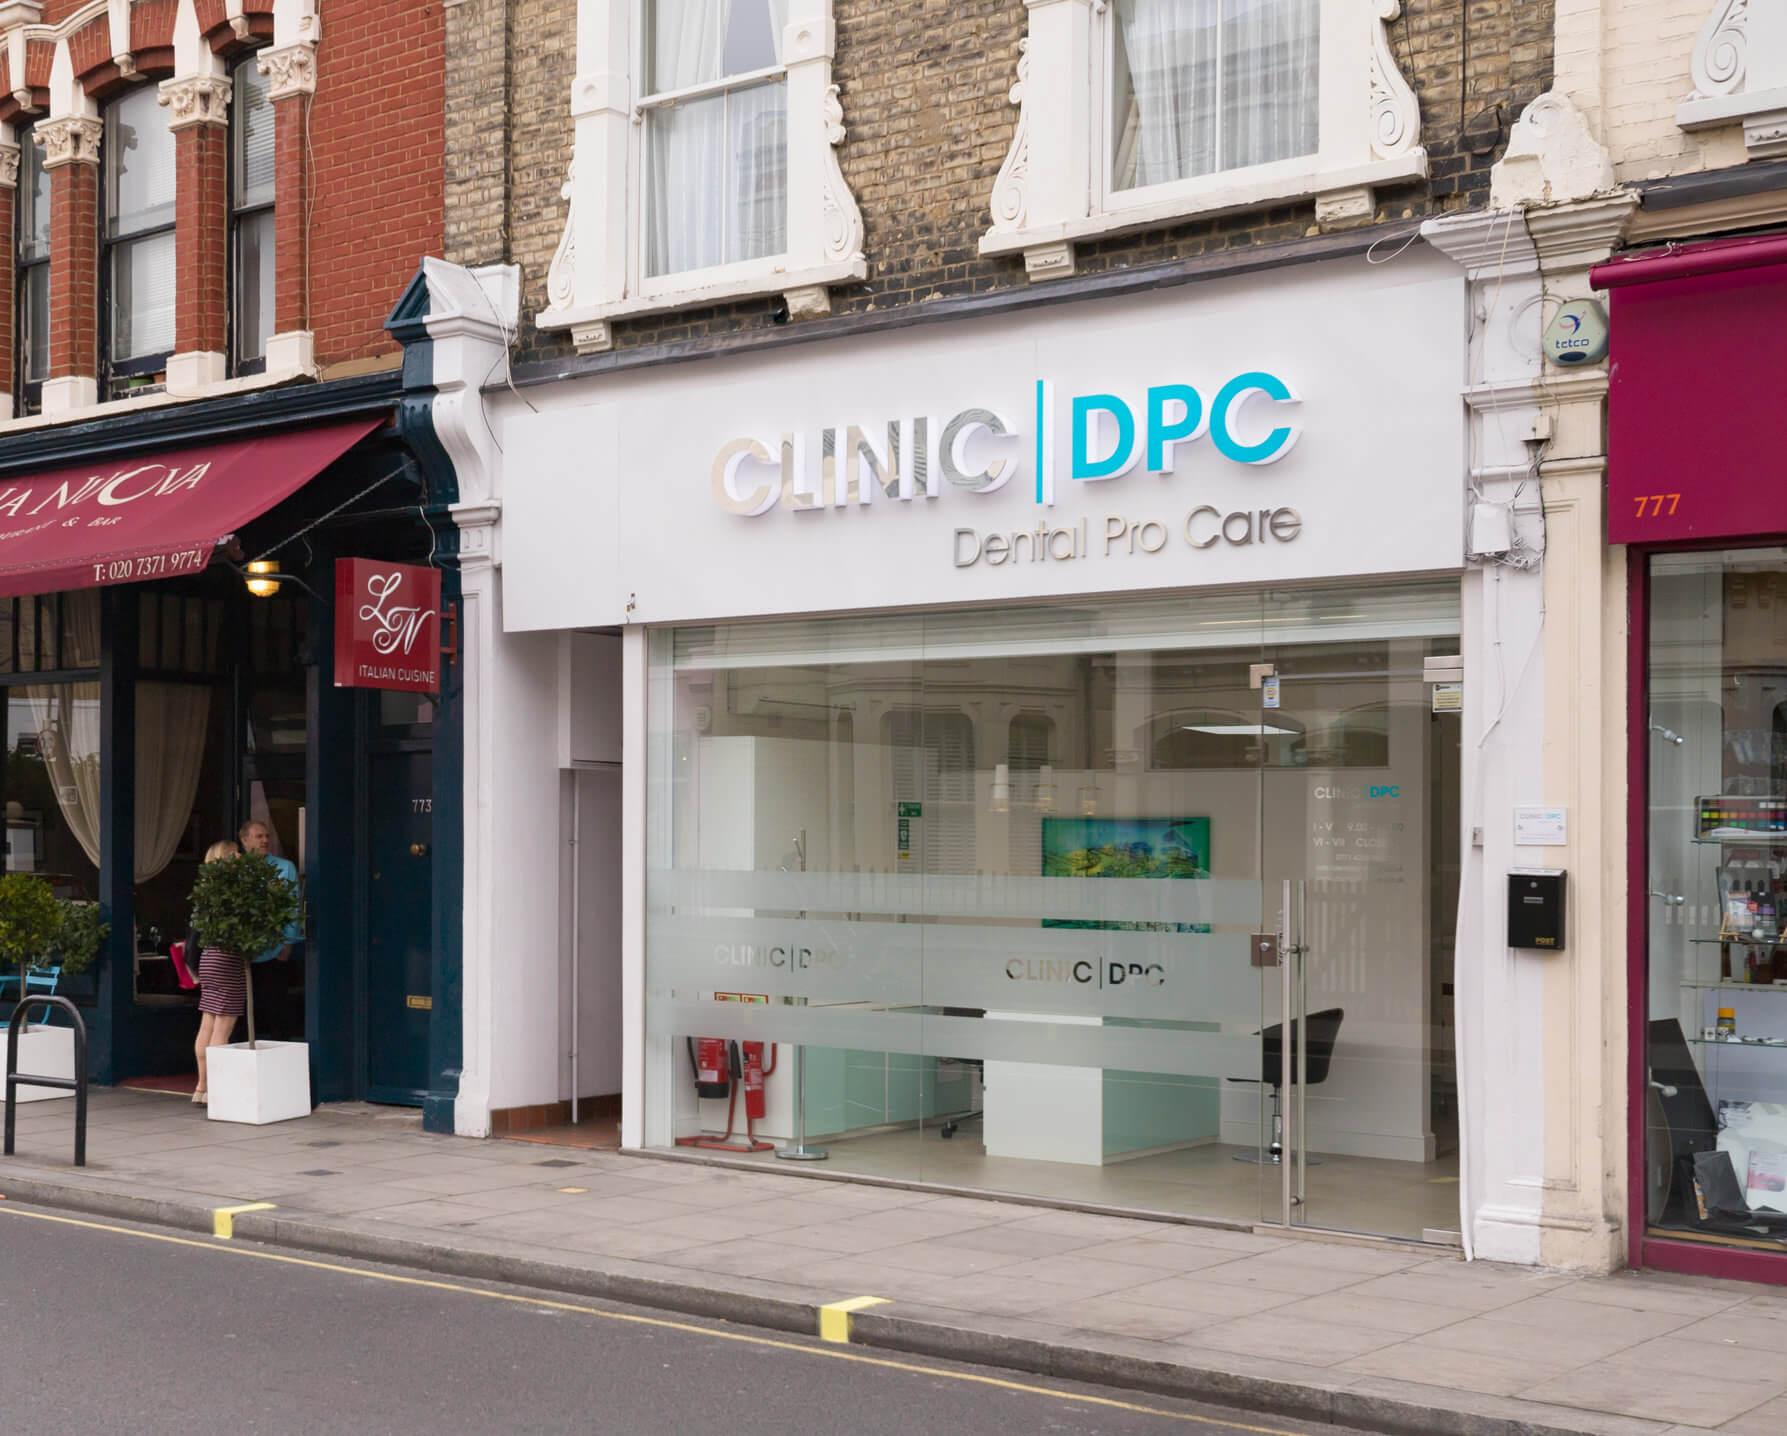 rsz_dpc_clinic_1_of_16